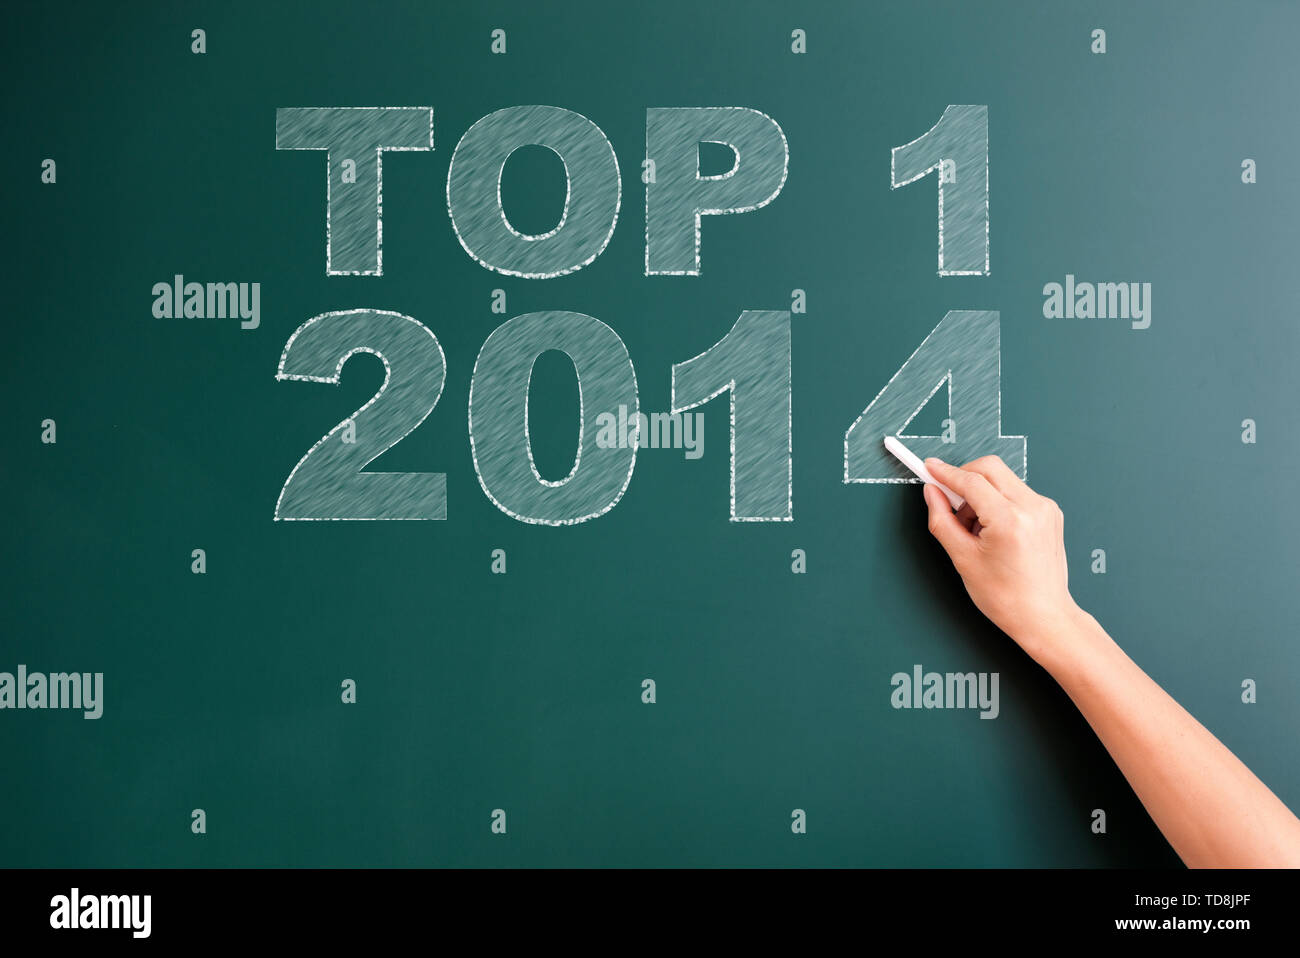 top 1 2014 written on blackboard - Stock Image